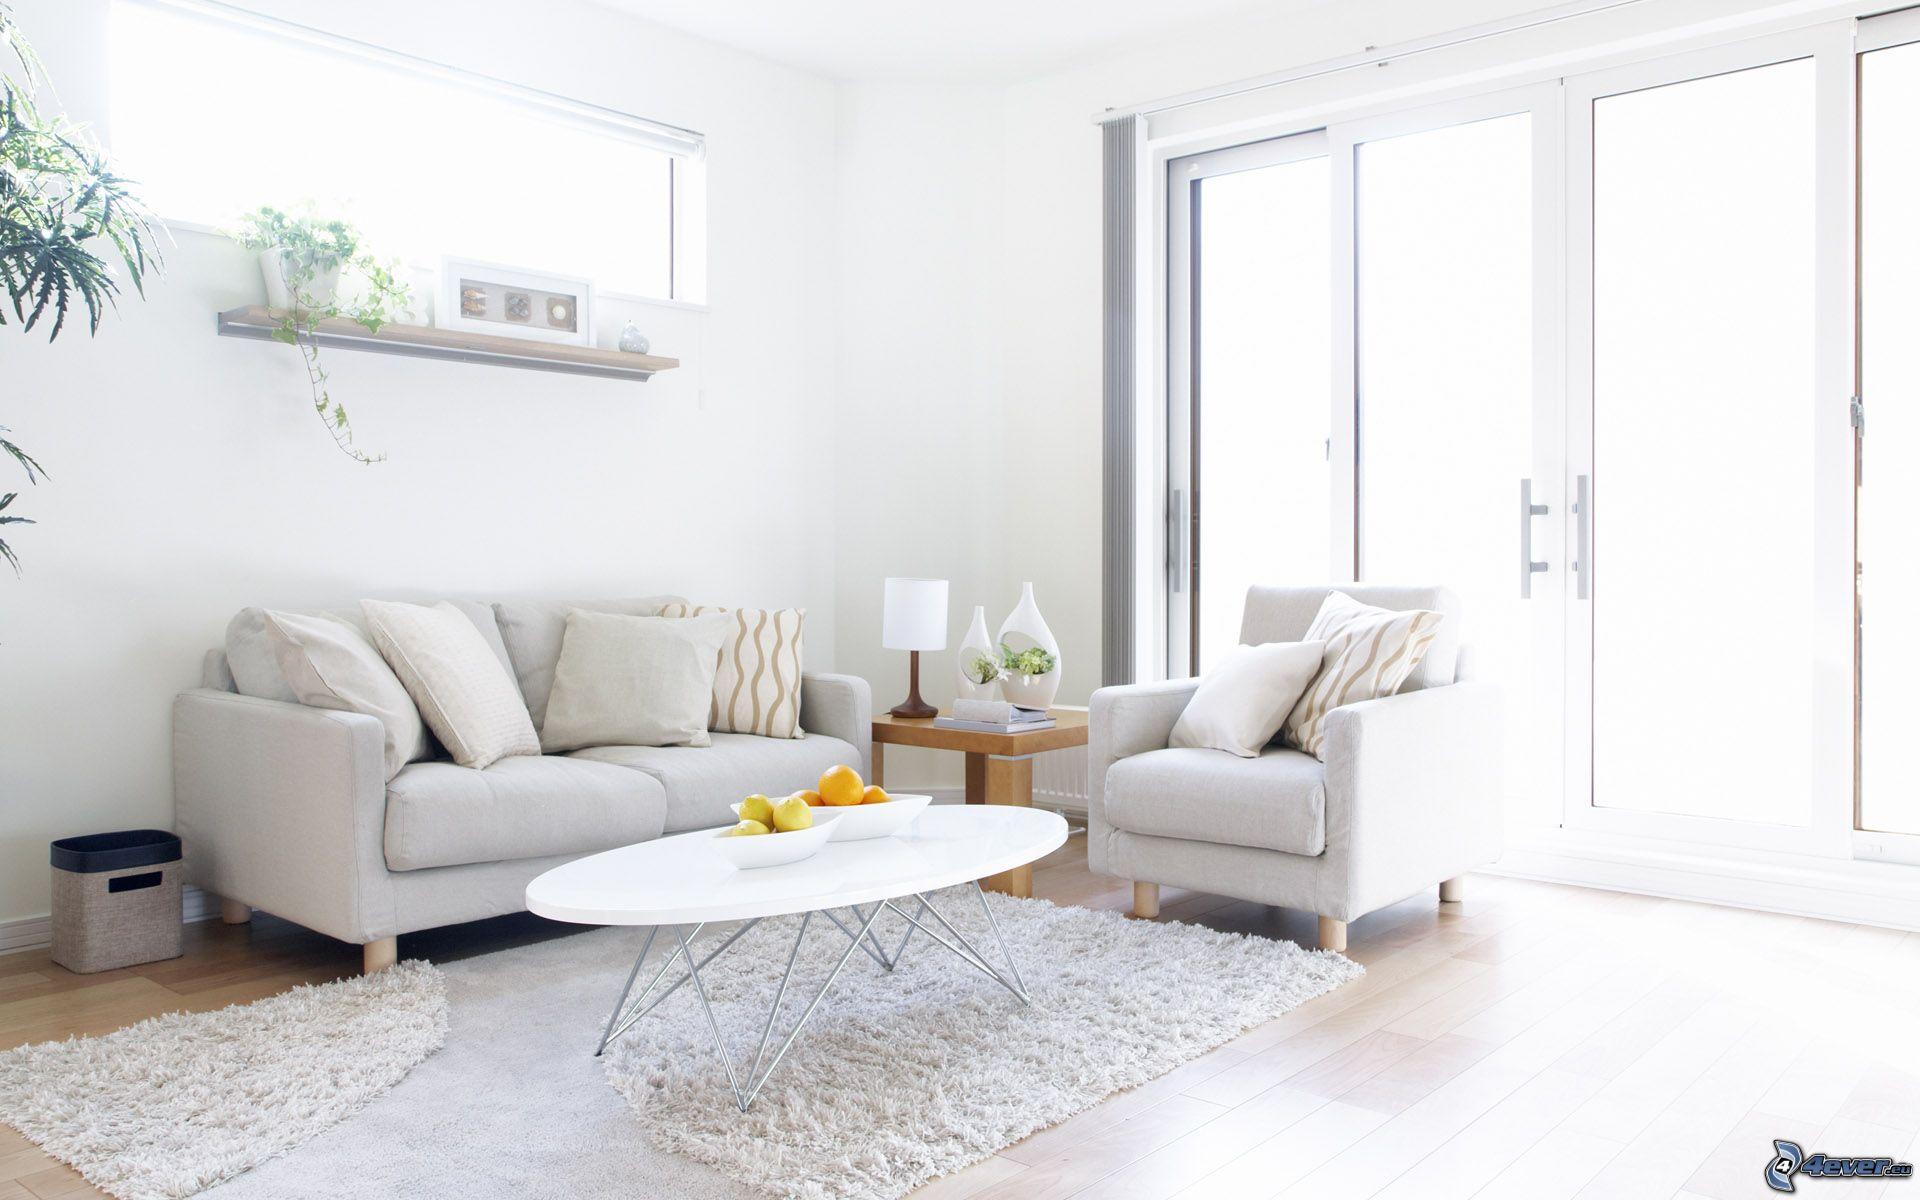 wohnzimmer couch paletten ~ seldeon = innen-wohnzimmer-design, Wohnzimmer dekoo